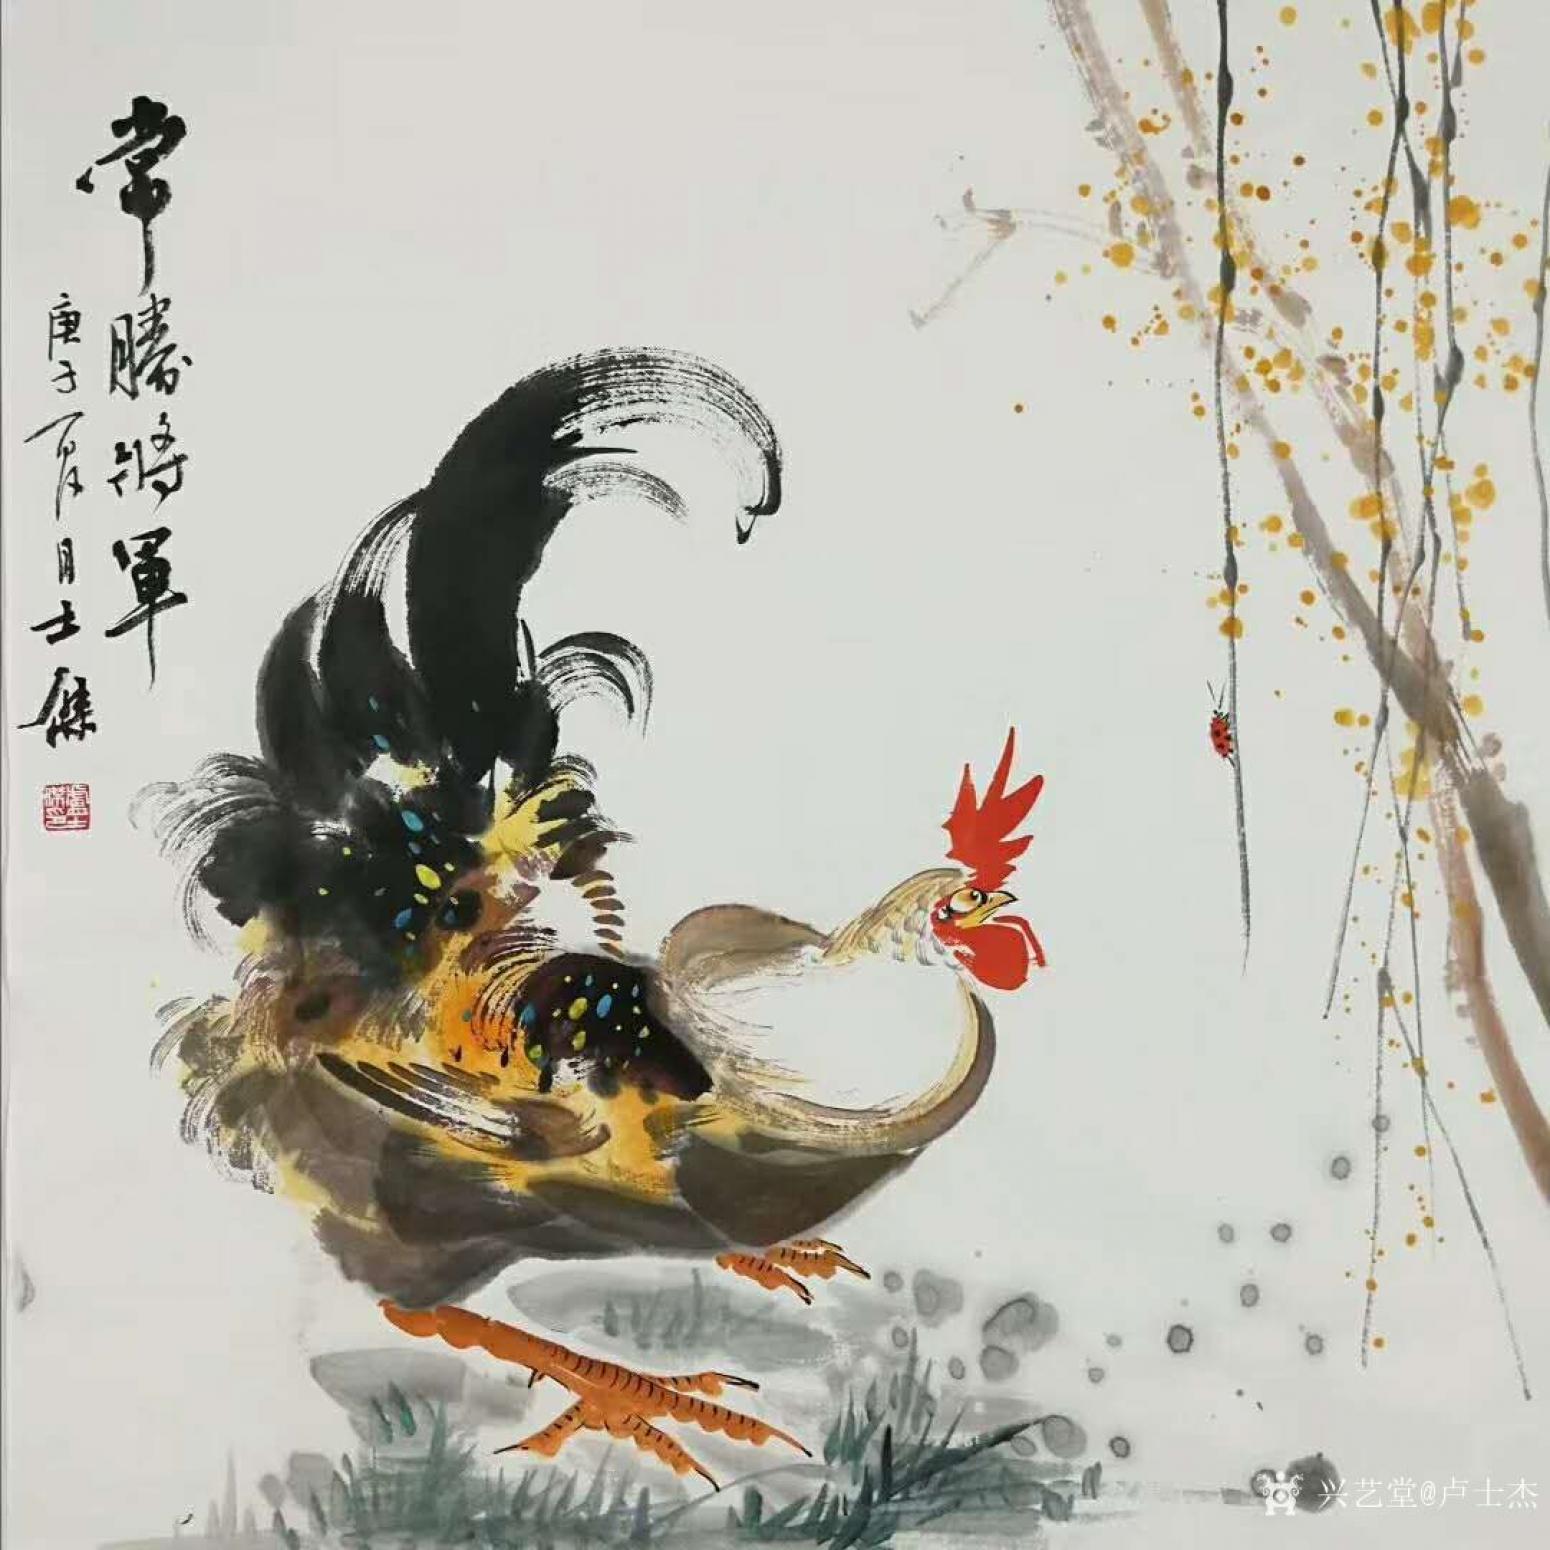 卢士杰国画作品《公鸡-常胜将军2》【图0】